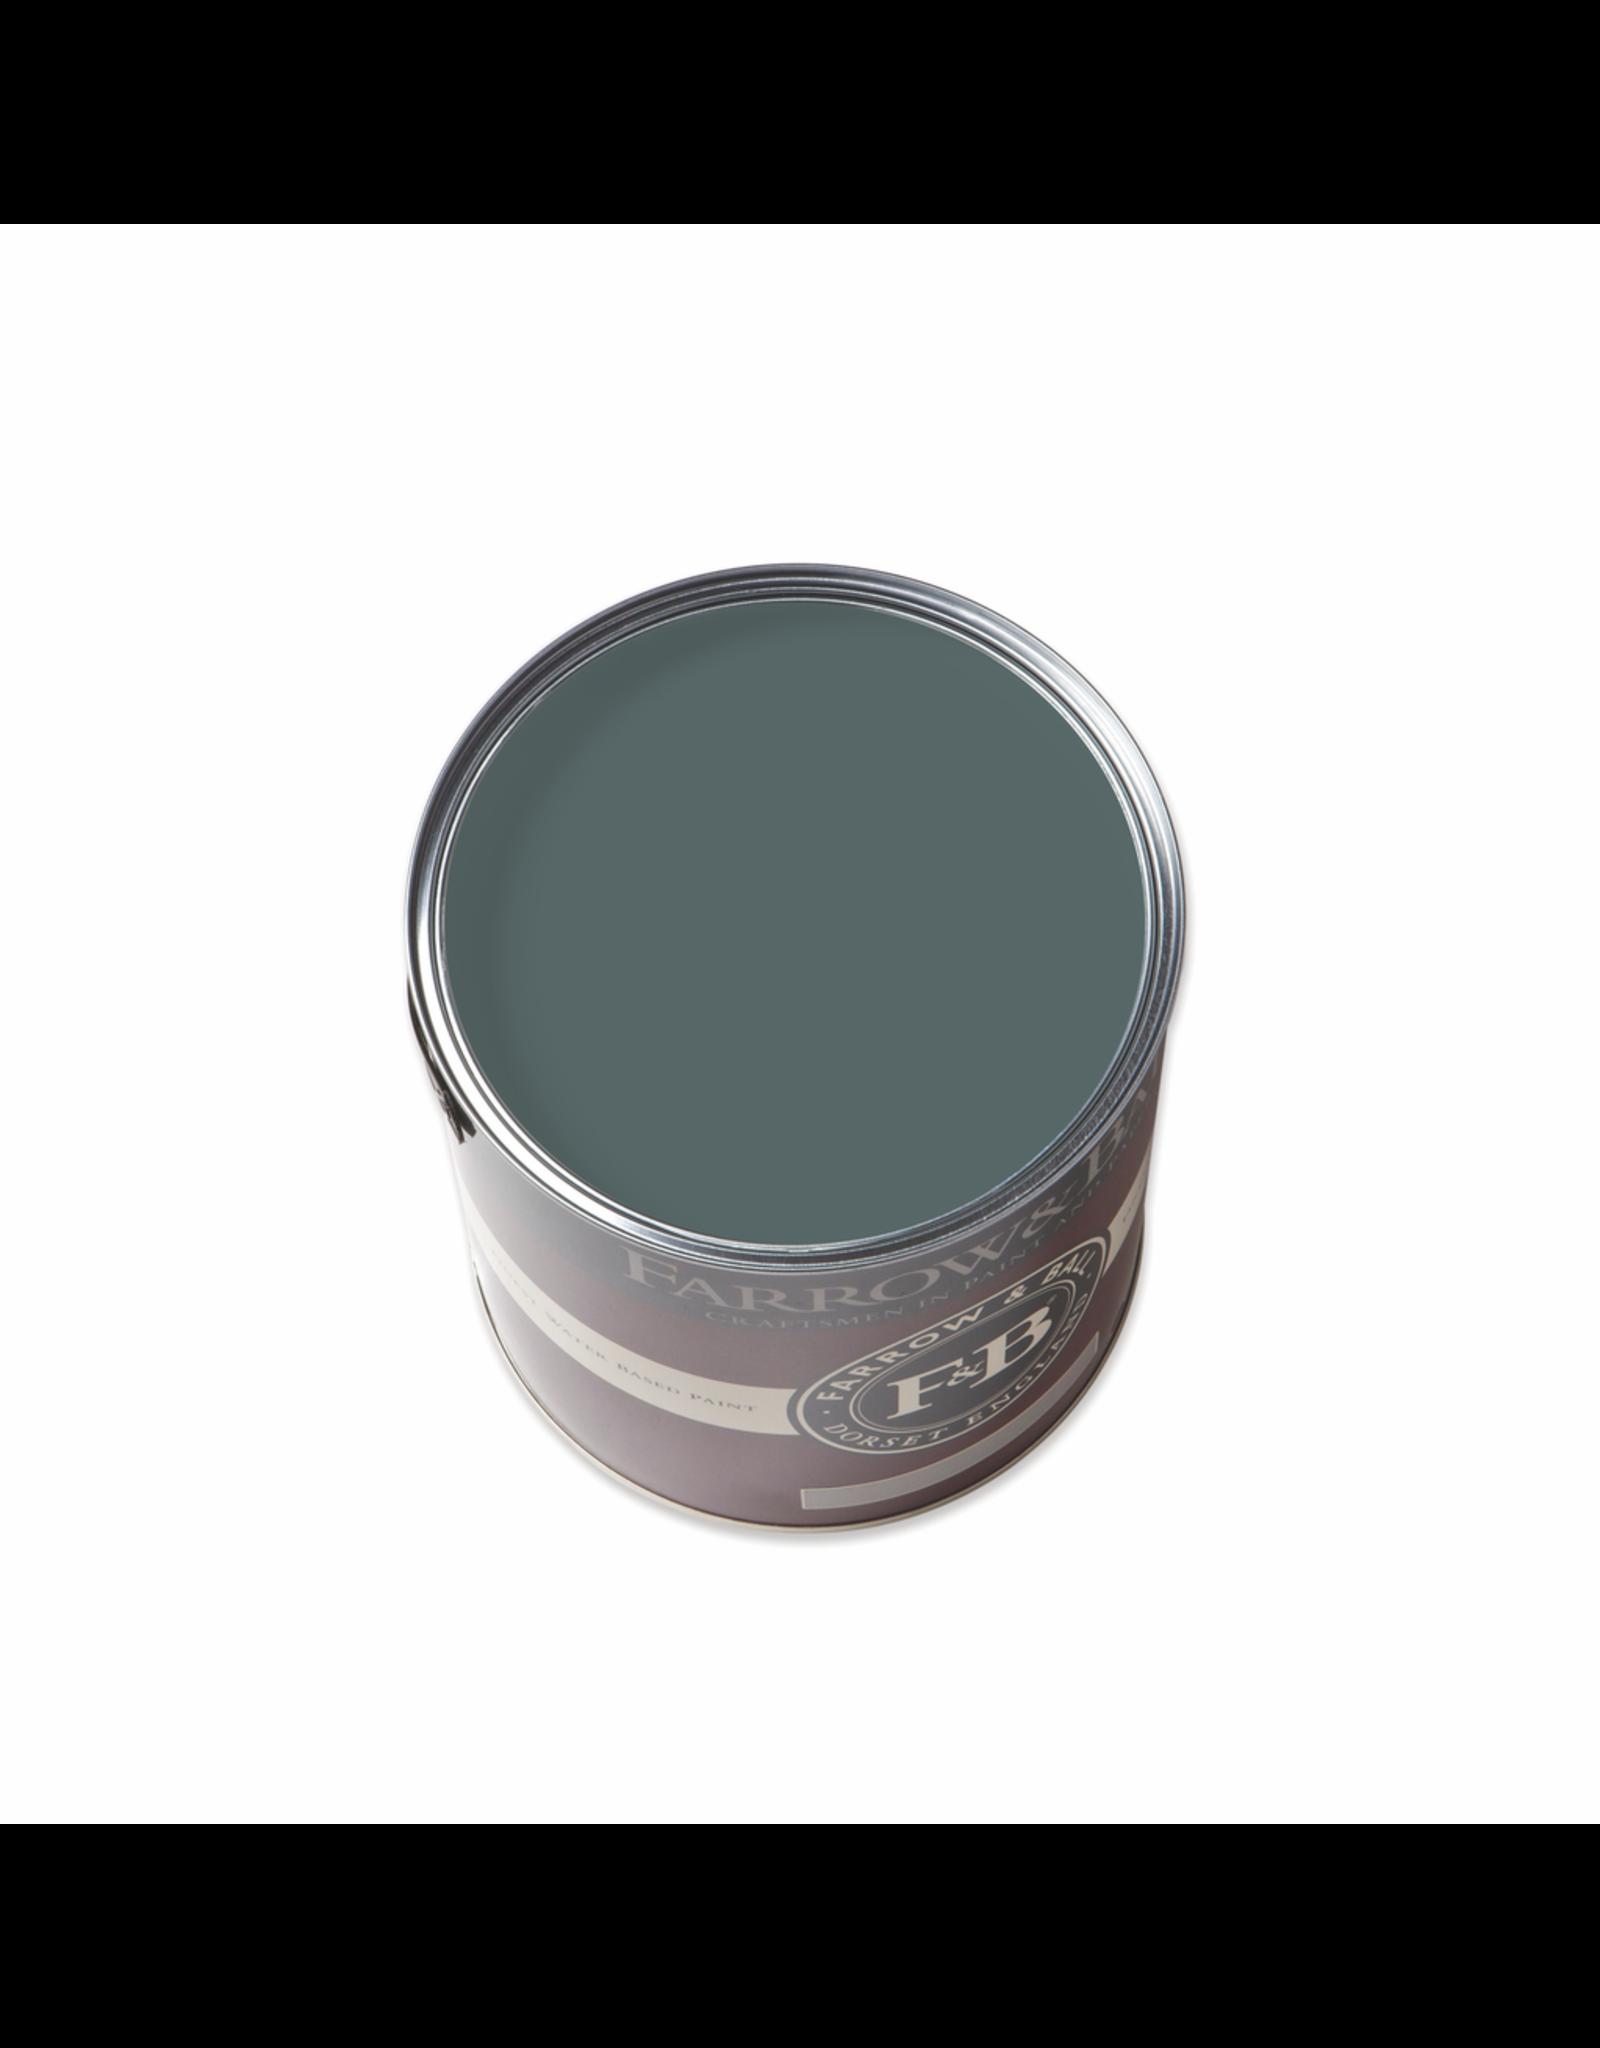 Farrow and Ball US Gallon Modern Emulsion Inchyra Blue No.289